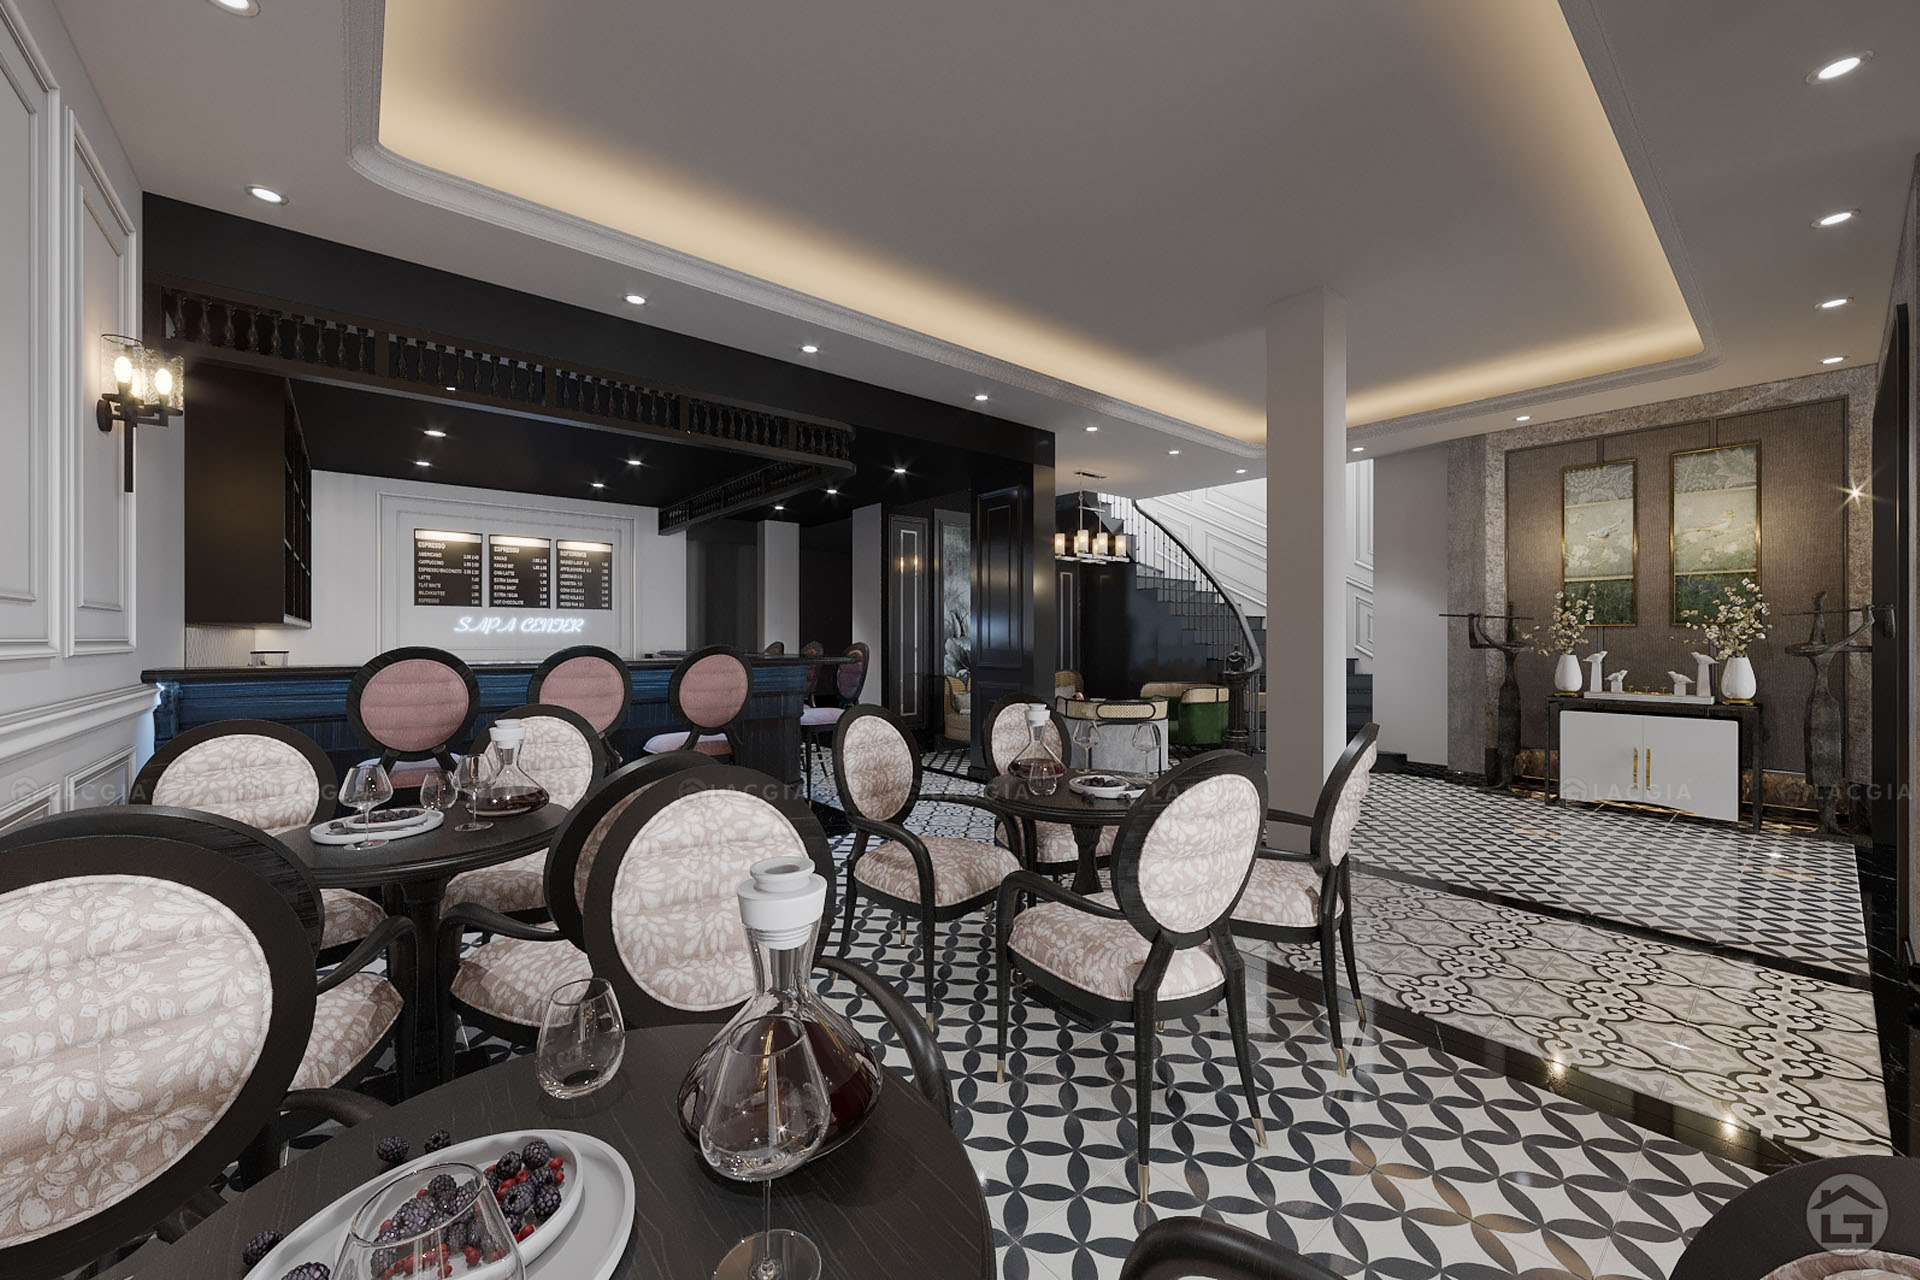 Thiết kế nội thất khách sạn Sapa sang trọng